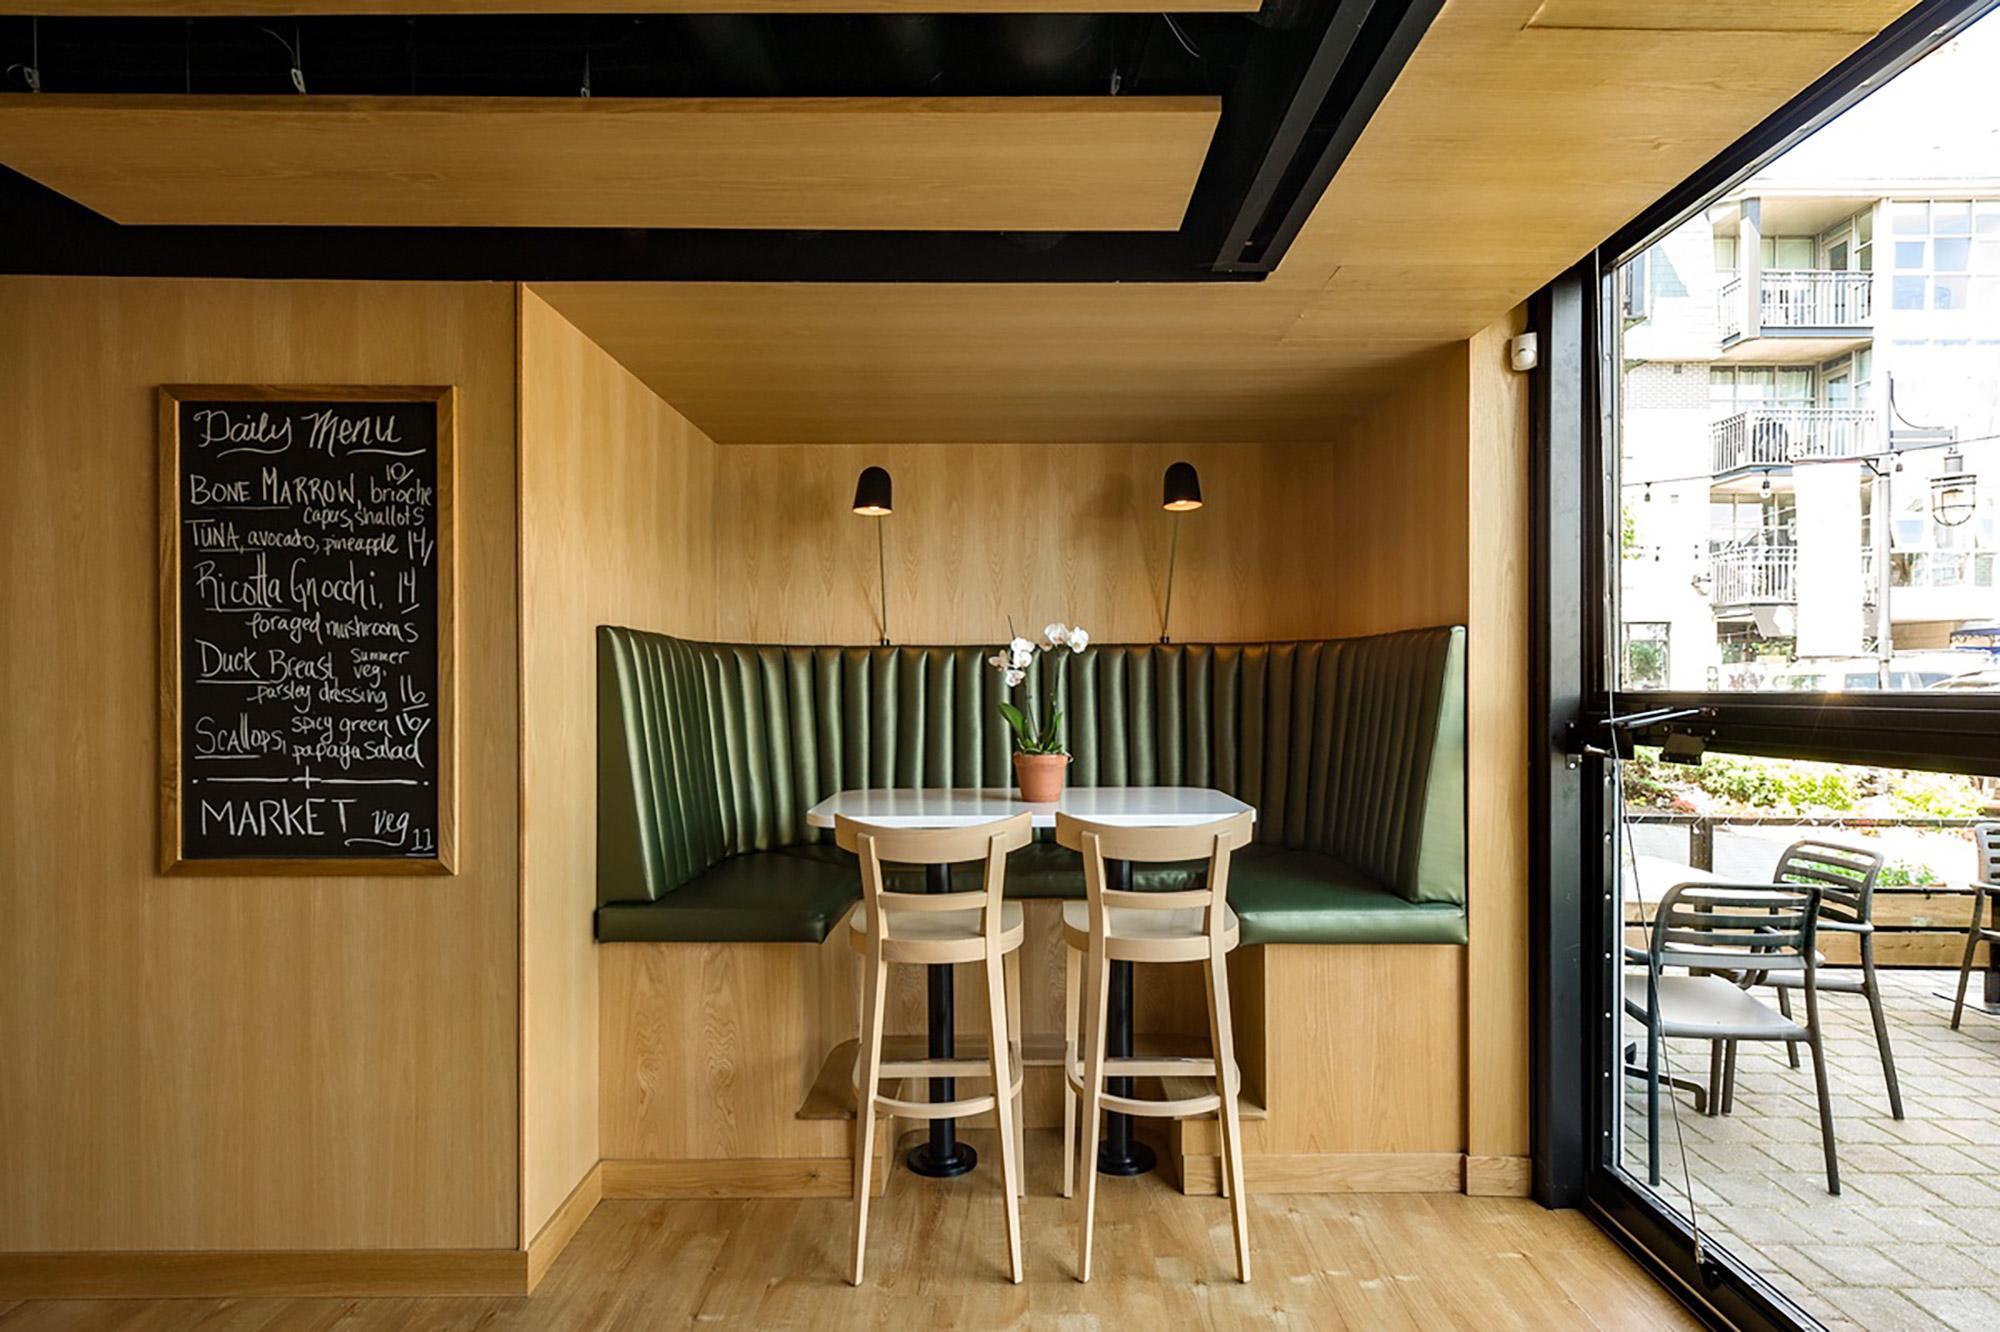 interior-design-halifax-restaurant-menu.jpg